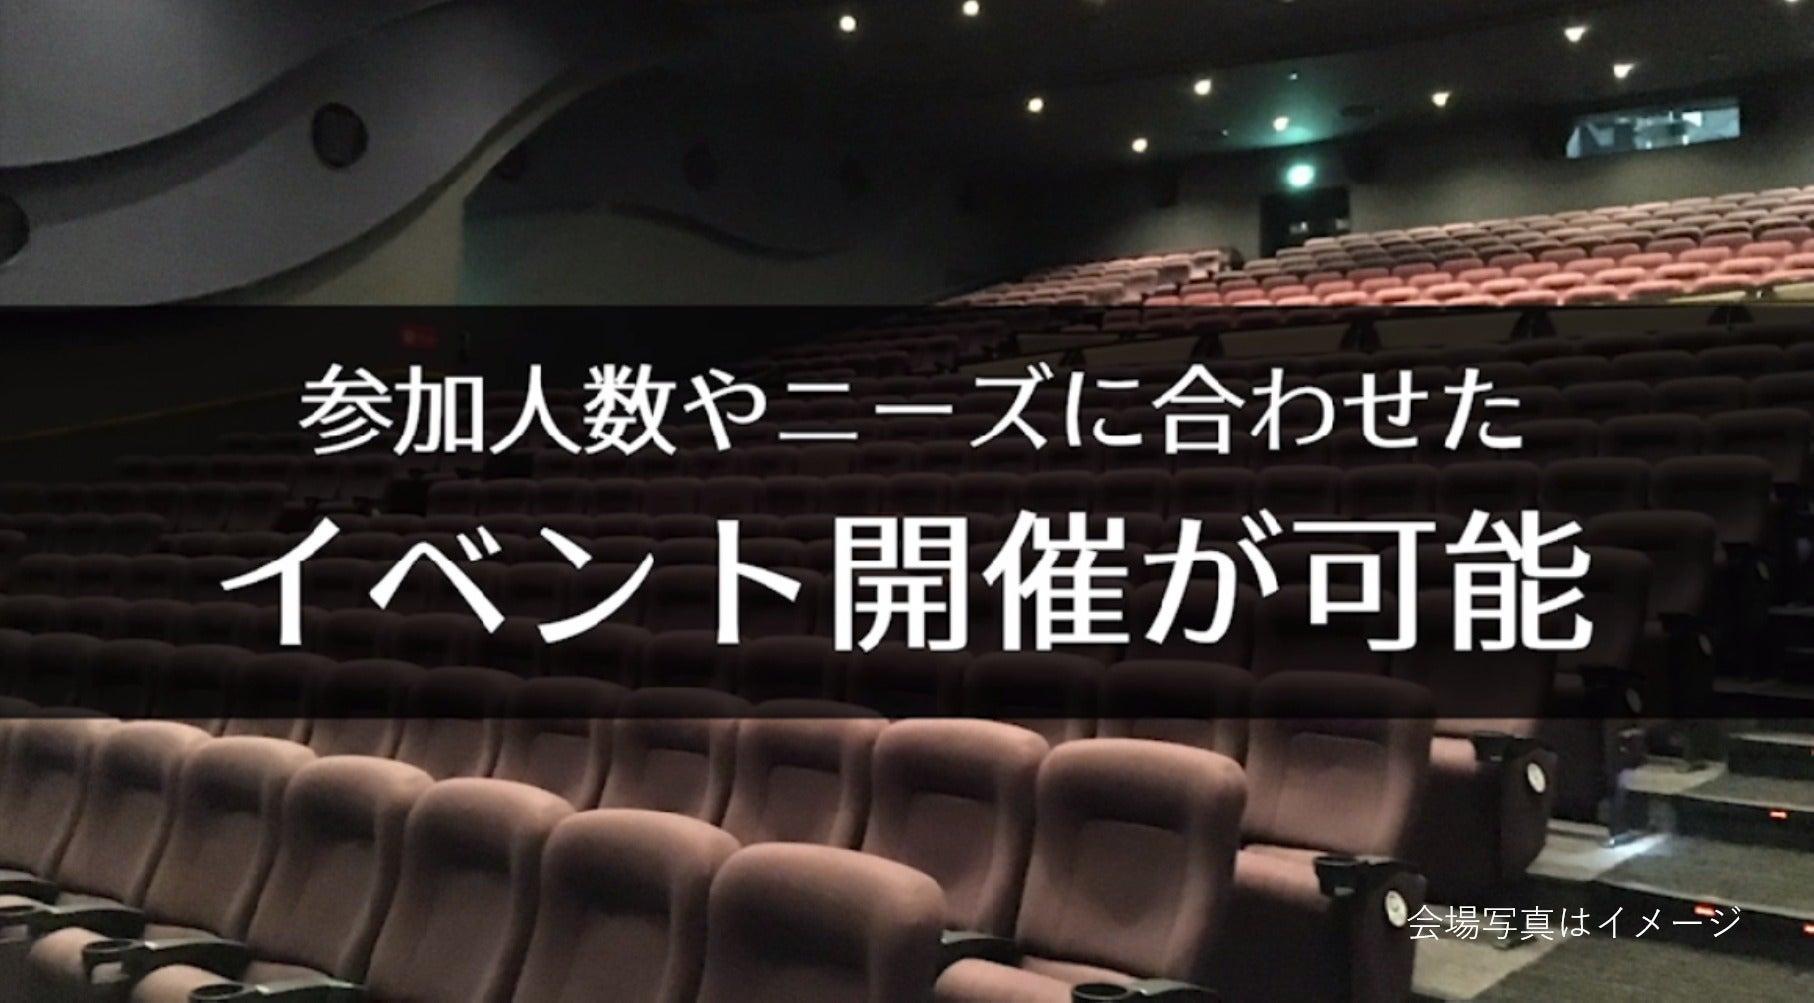 【旭川 374席】映画館で、会社説明会、株主総会、講演会の企画はいかがですか?